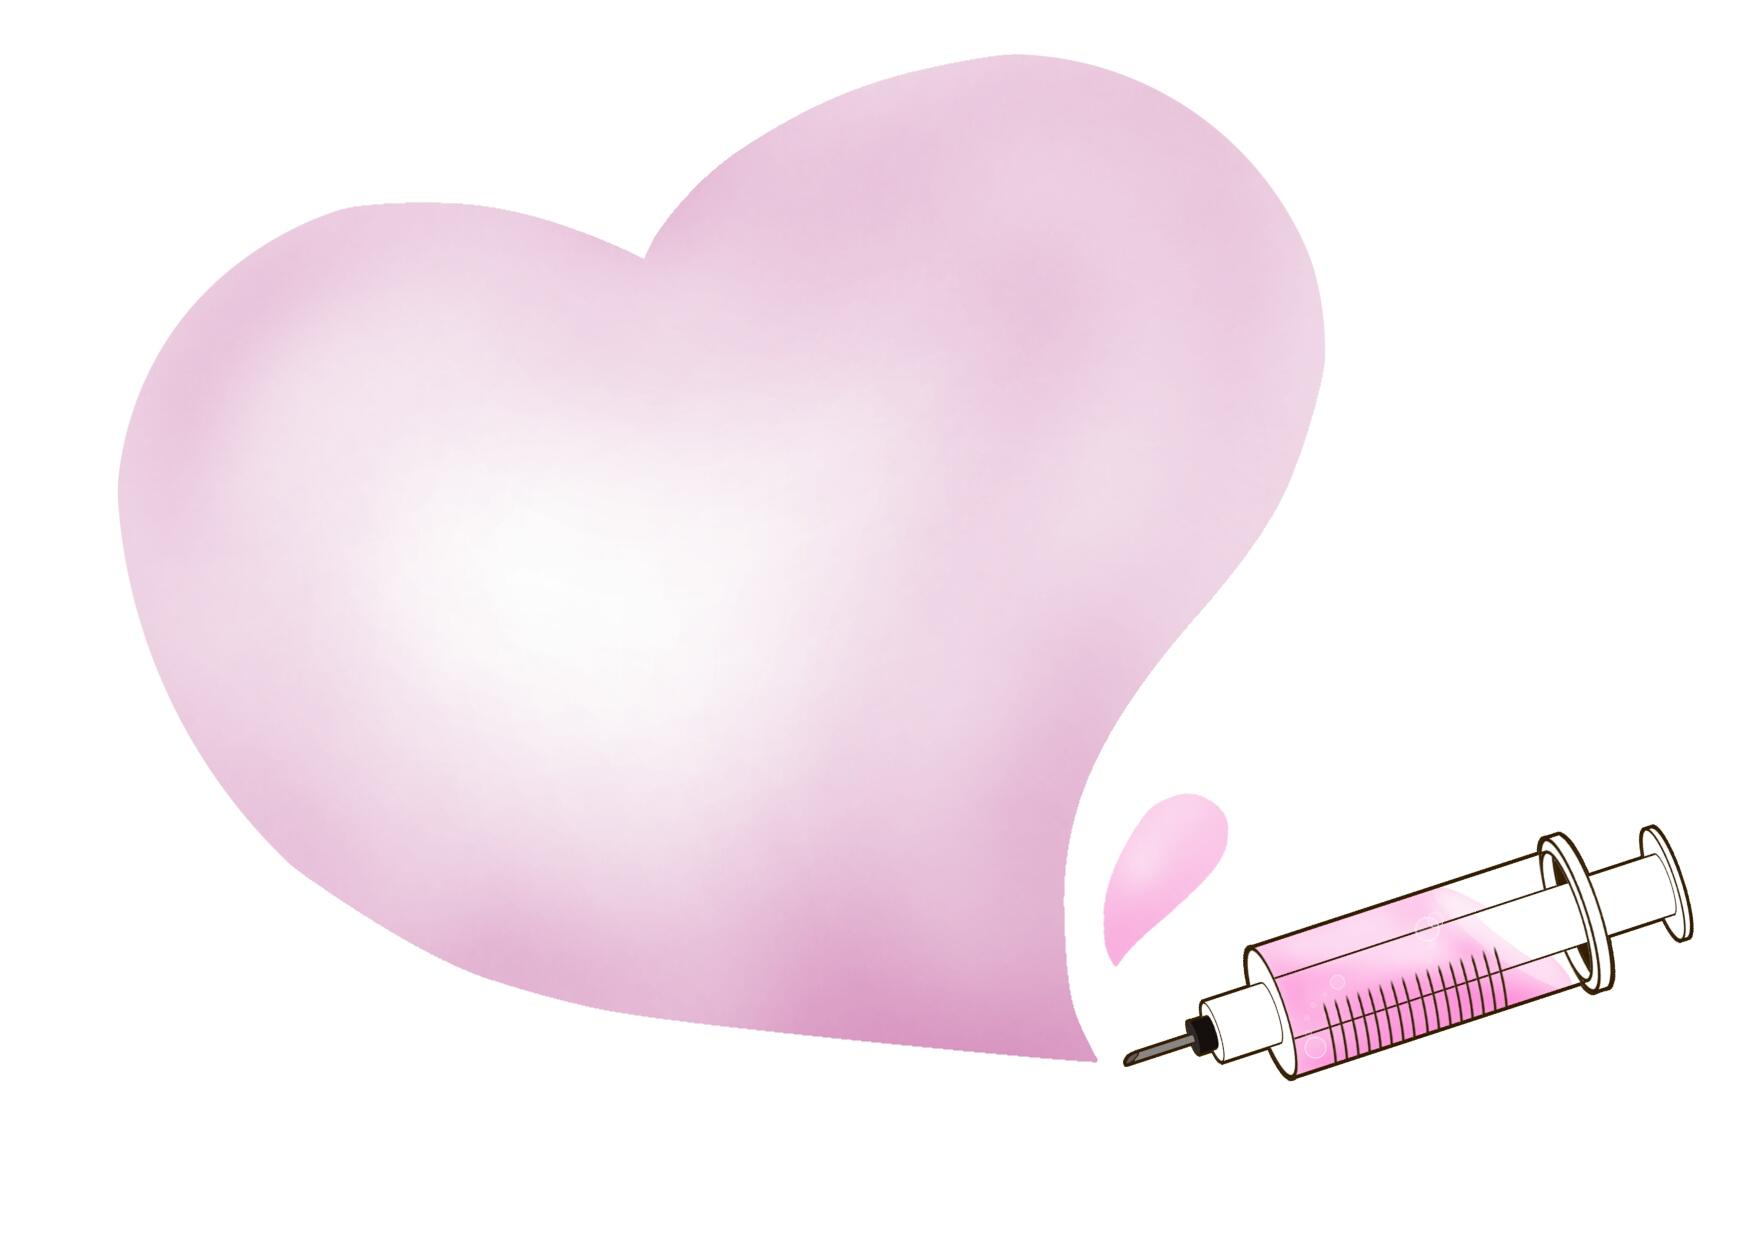 子宮頸癌ワクチンの重度の副作用を23人治した人がいる